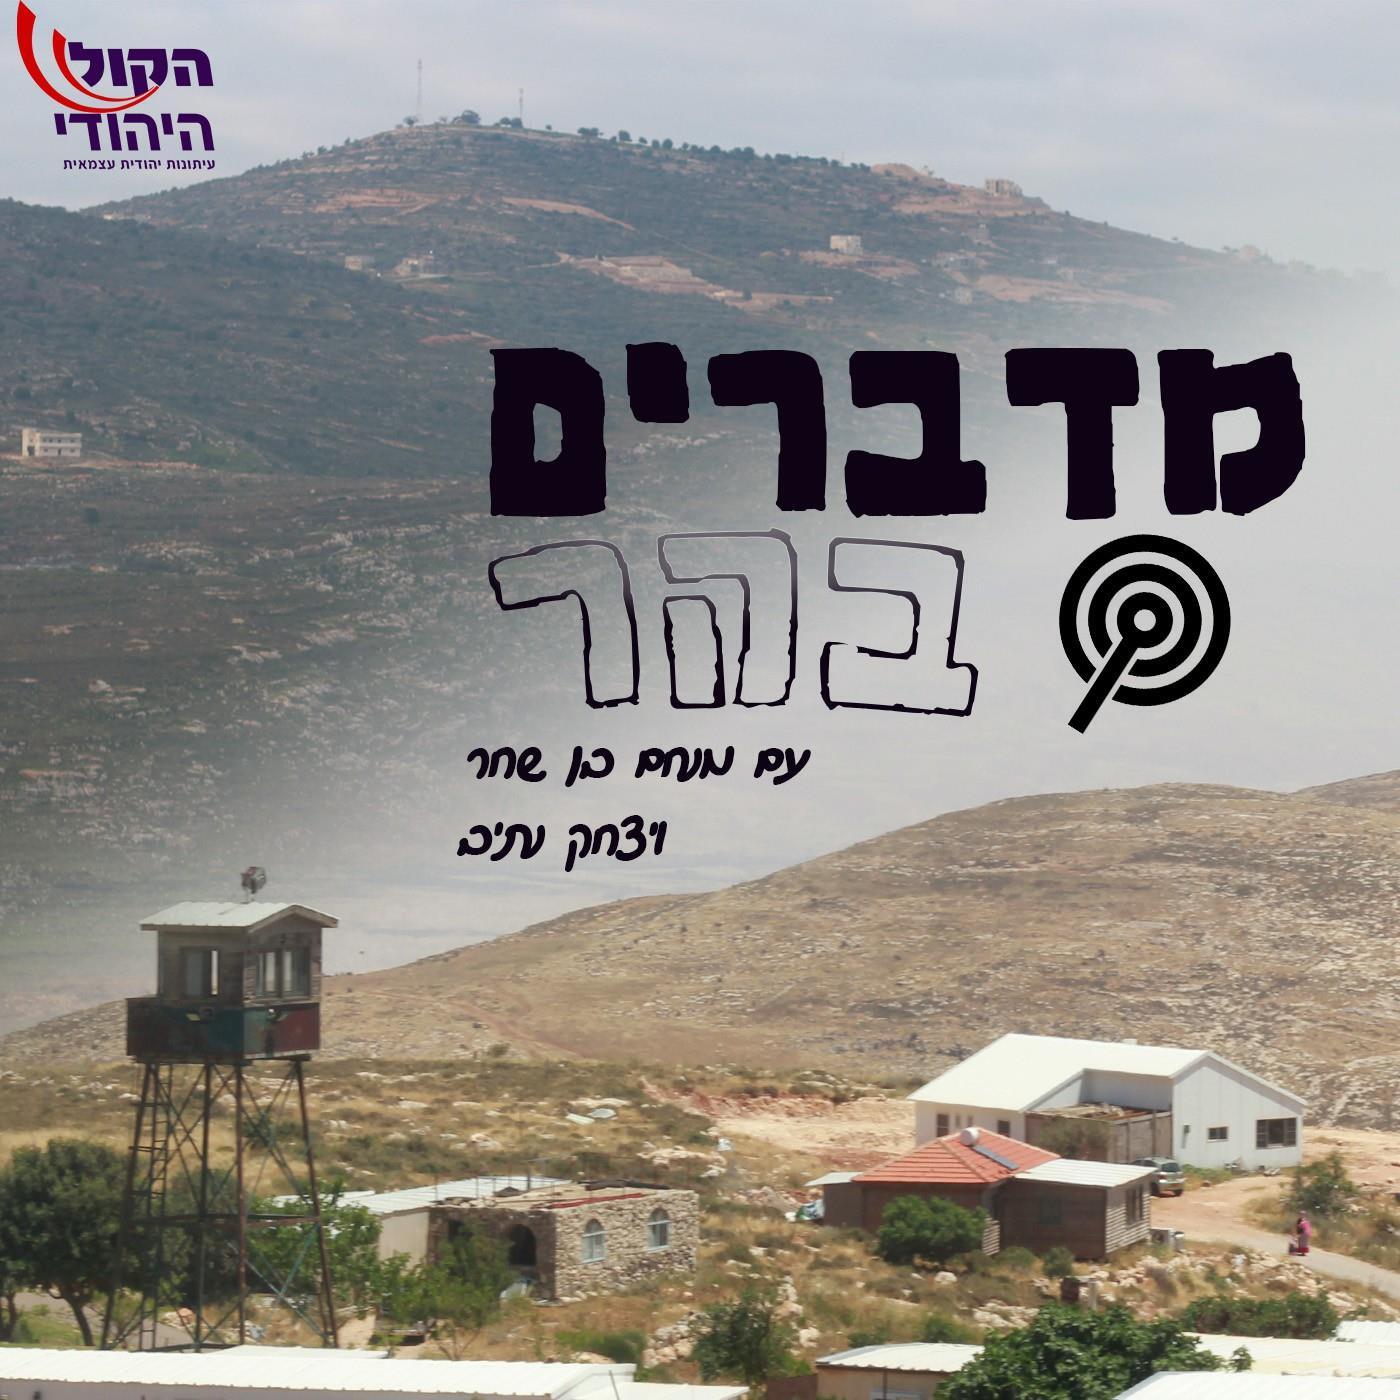 האזינו לפודקאסט של הקול היהודי ב-spotify